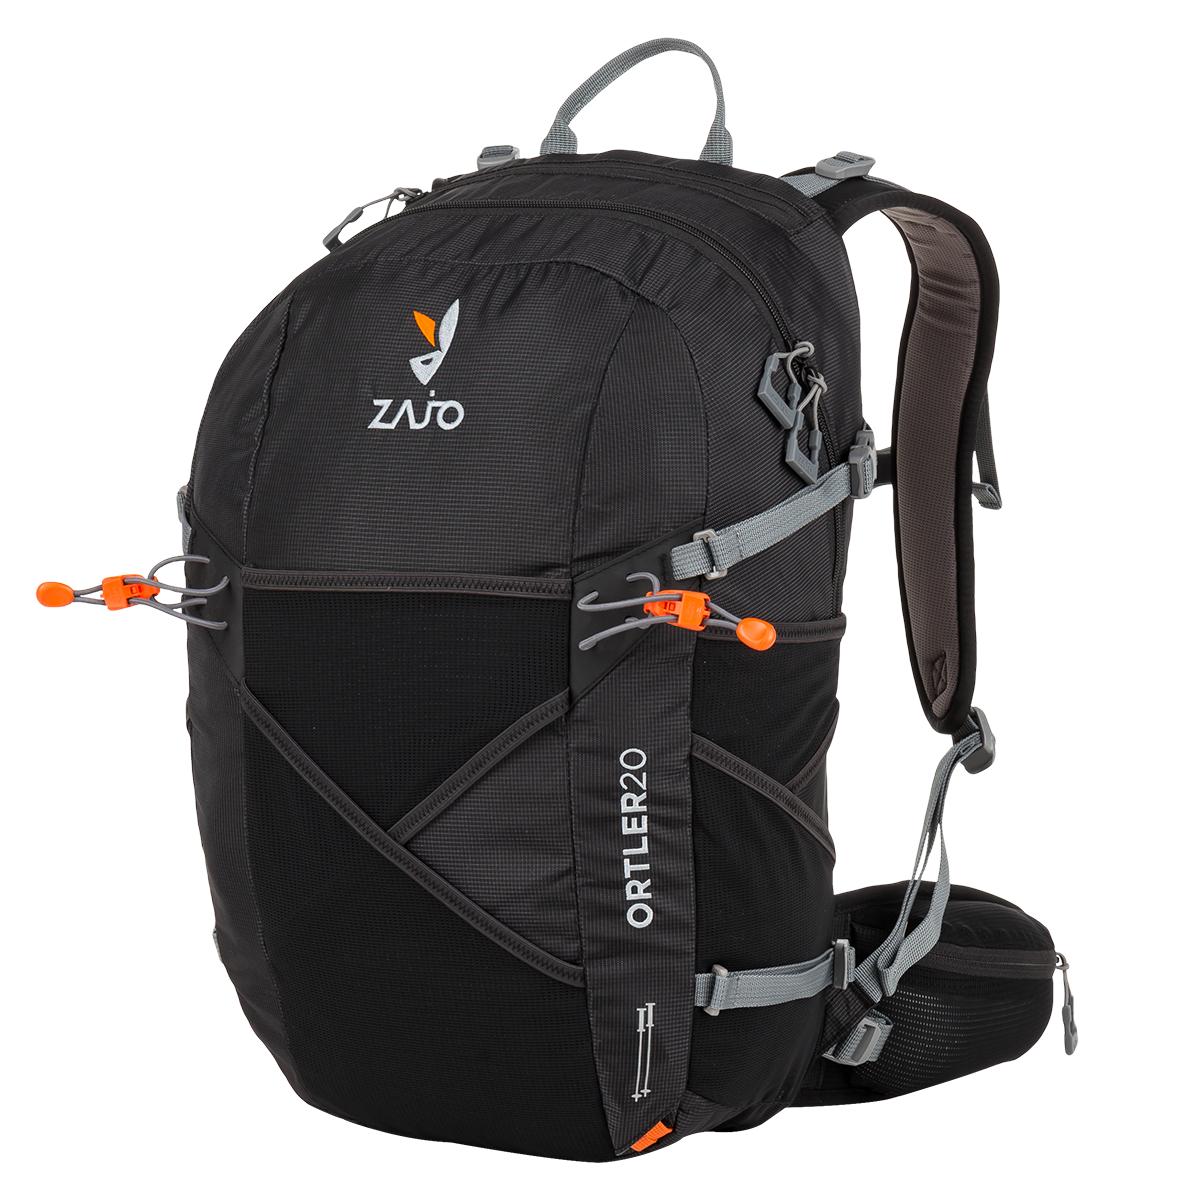 Zajo Ortler 20 Backpack